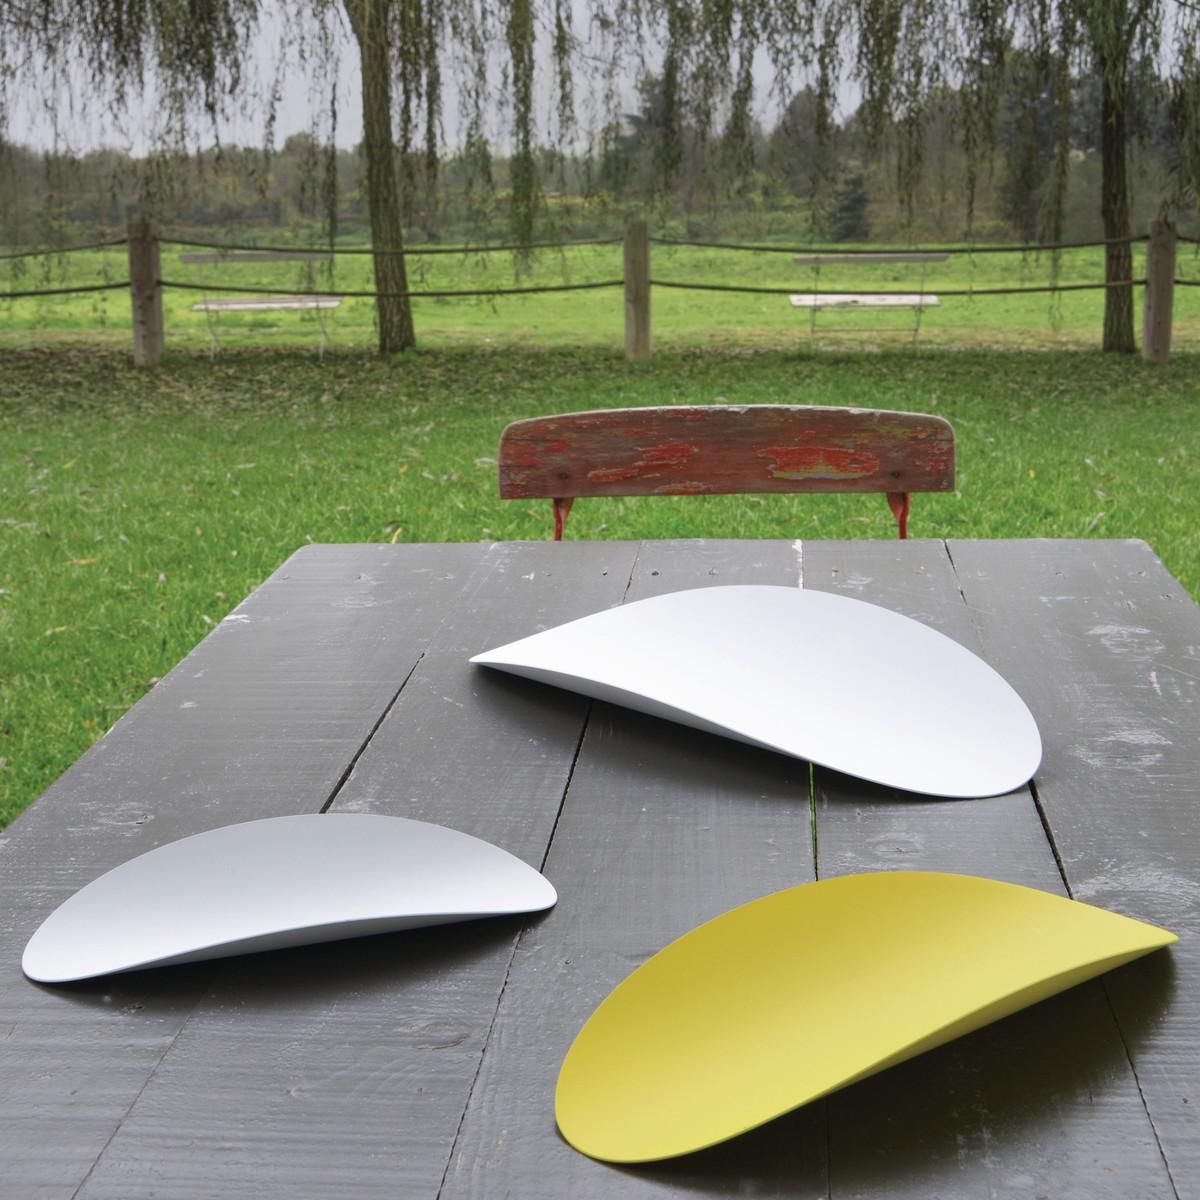 ellipse schalen set von alessi im shop kaufen. Black Bedroom Furniture Sets. Home Design Ideas